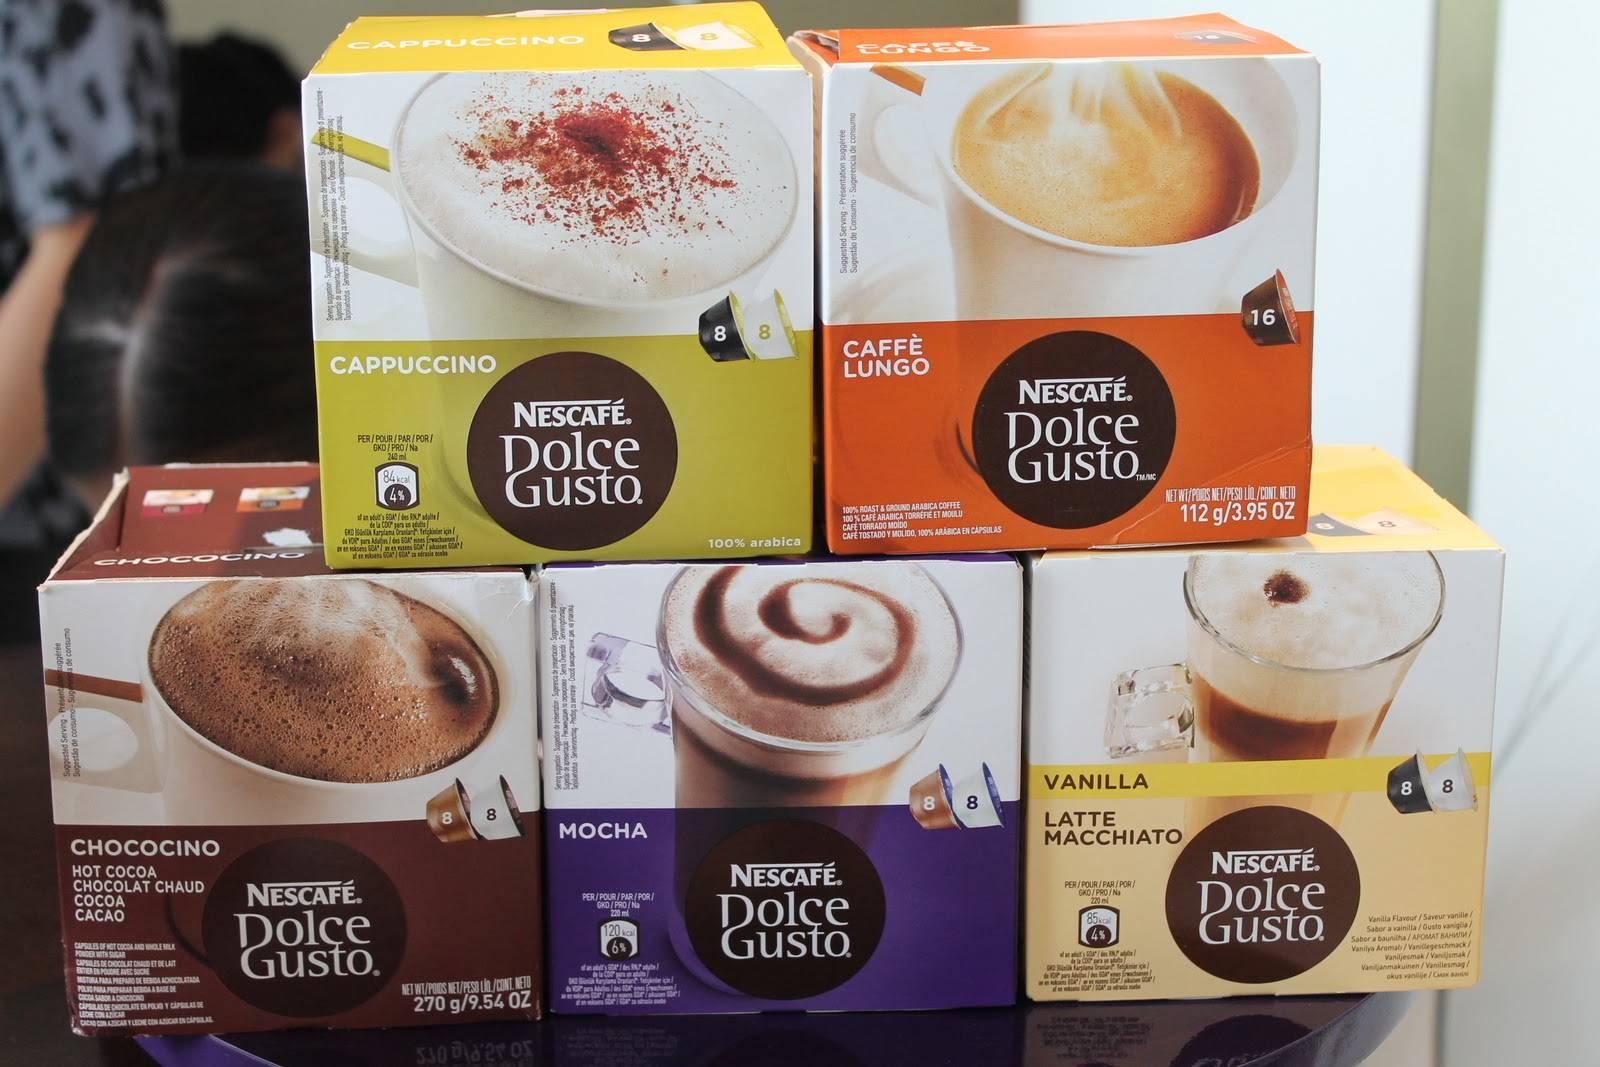 Кофе нескафе: ассортимент, калорийность, цены, отзывы